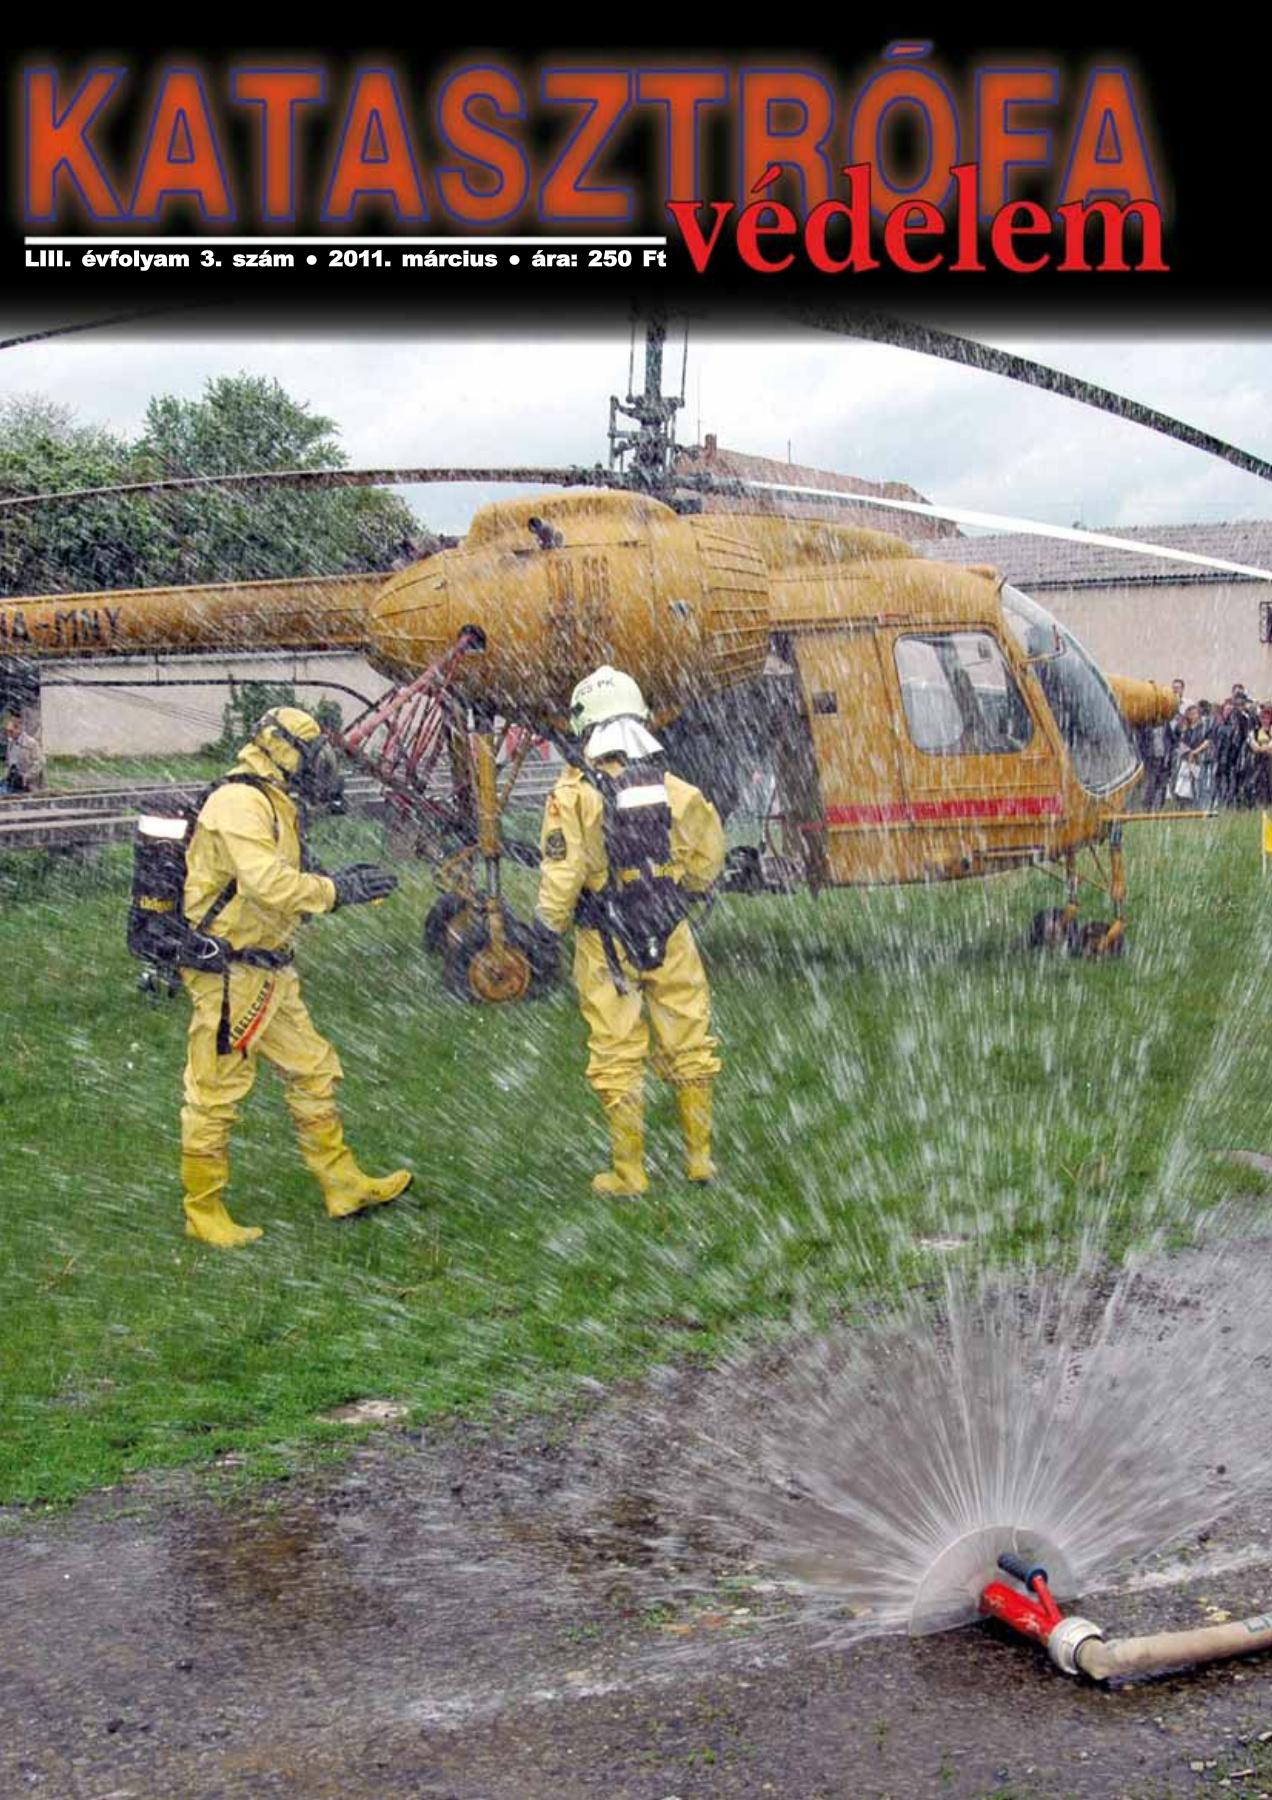 A Katasztrófavédelem magazin LIII. évfolyam 3. szám megtekintése